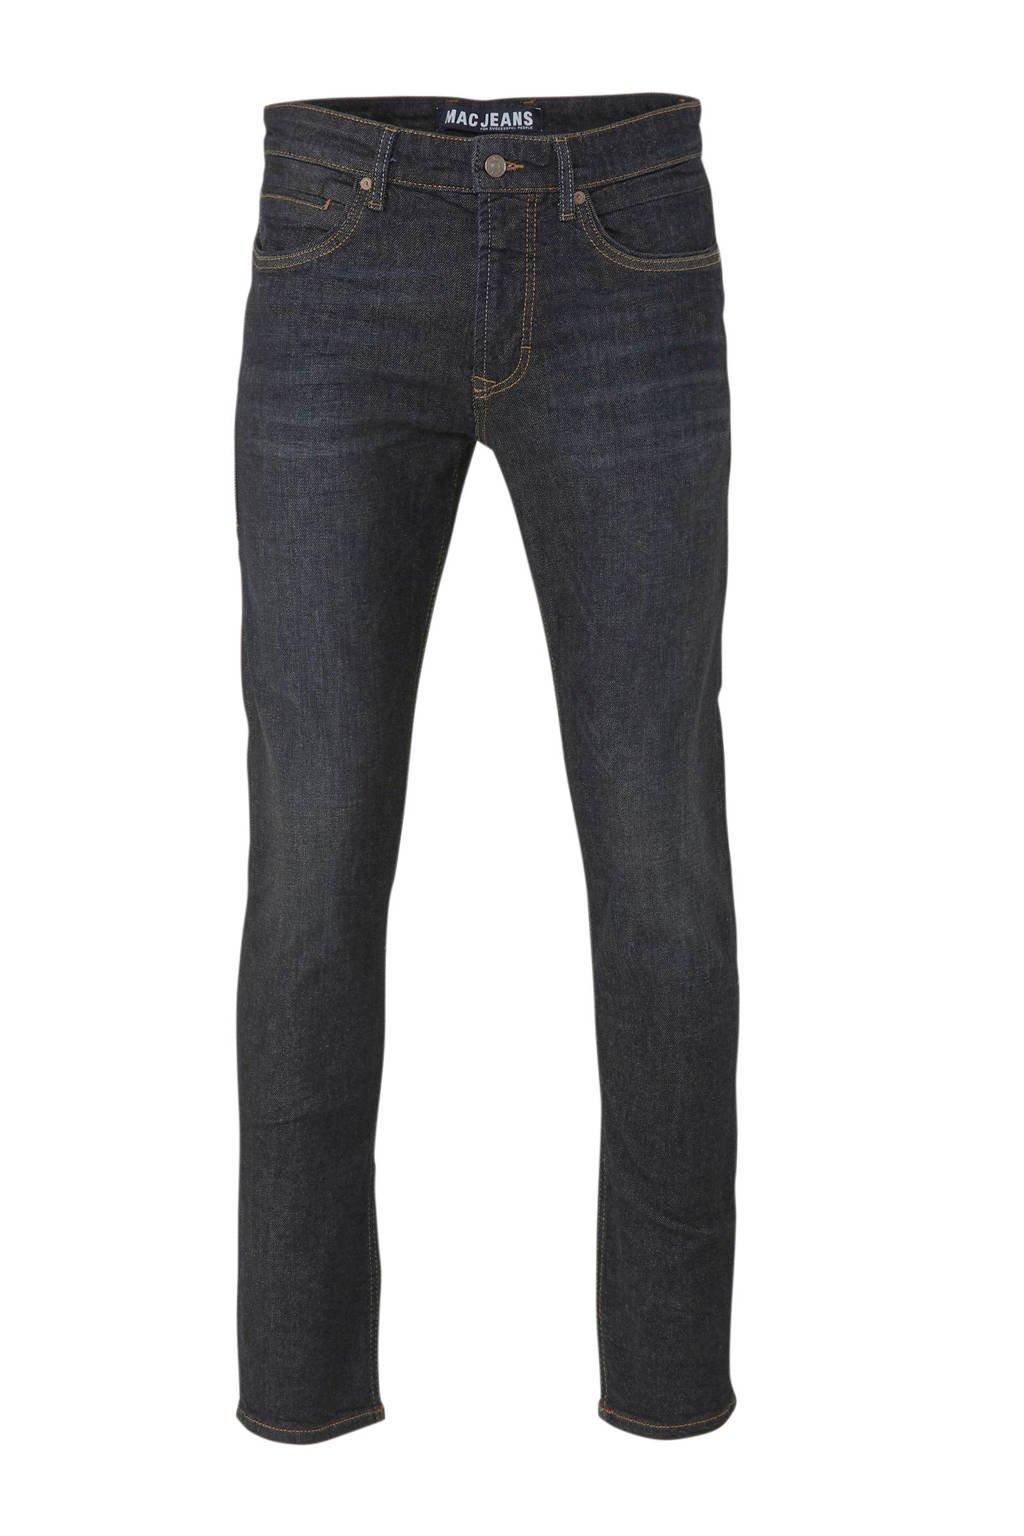 MAC regular fit jeans Arne Pipe, H709-dark rinsed 3D